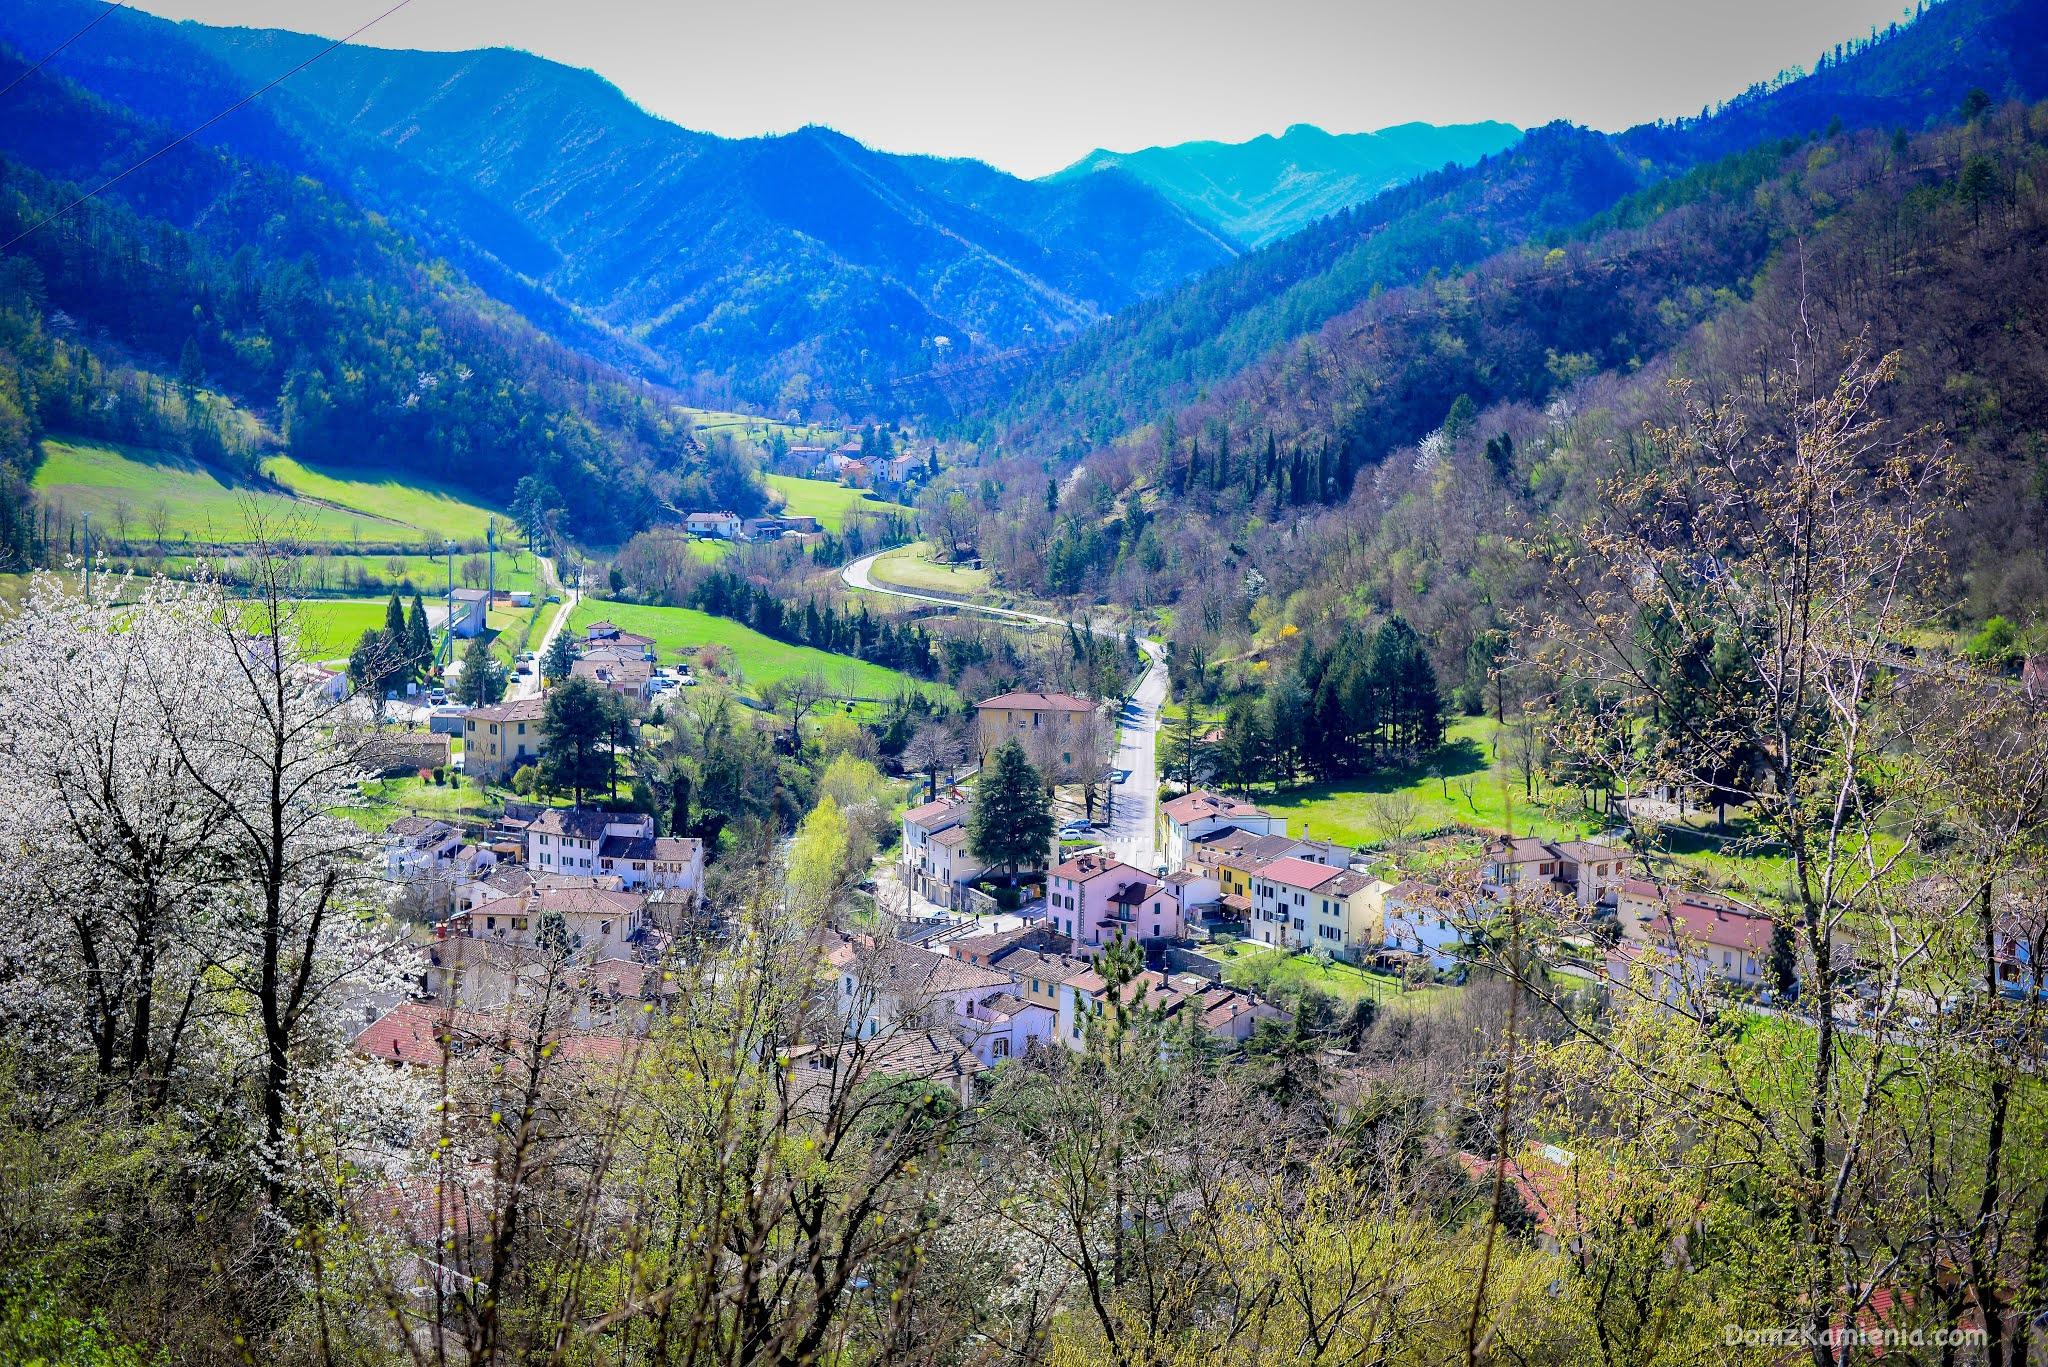 Biforco, Dom z Kamienia blog